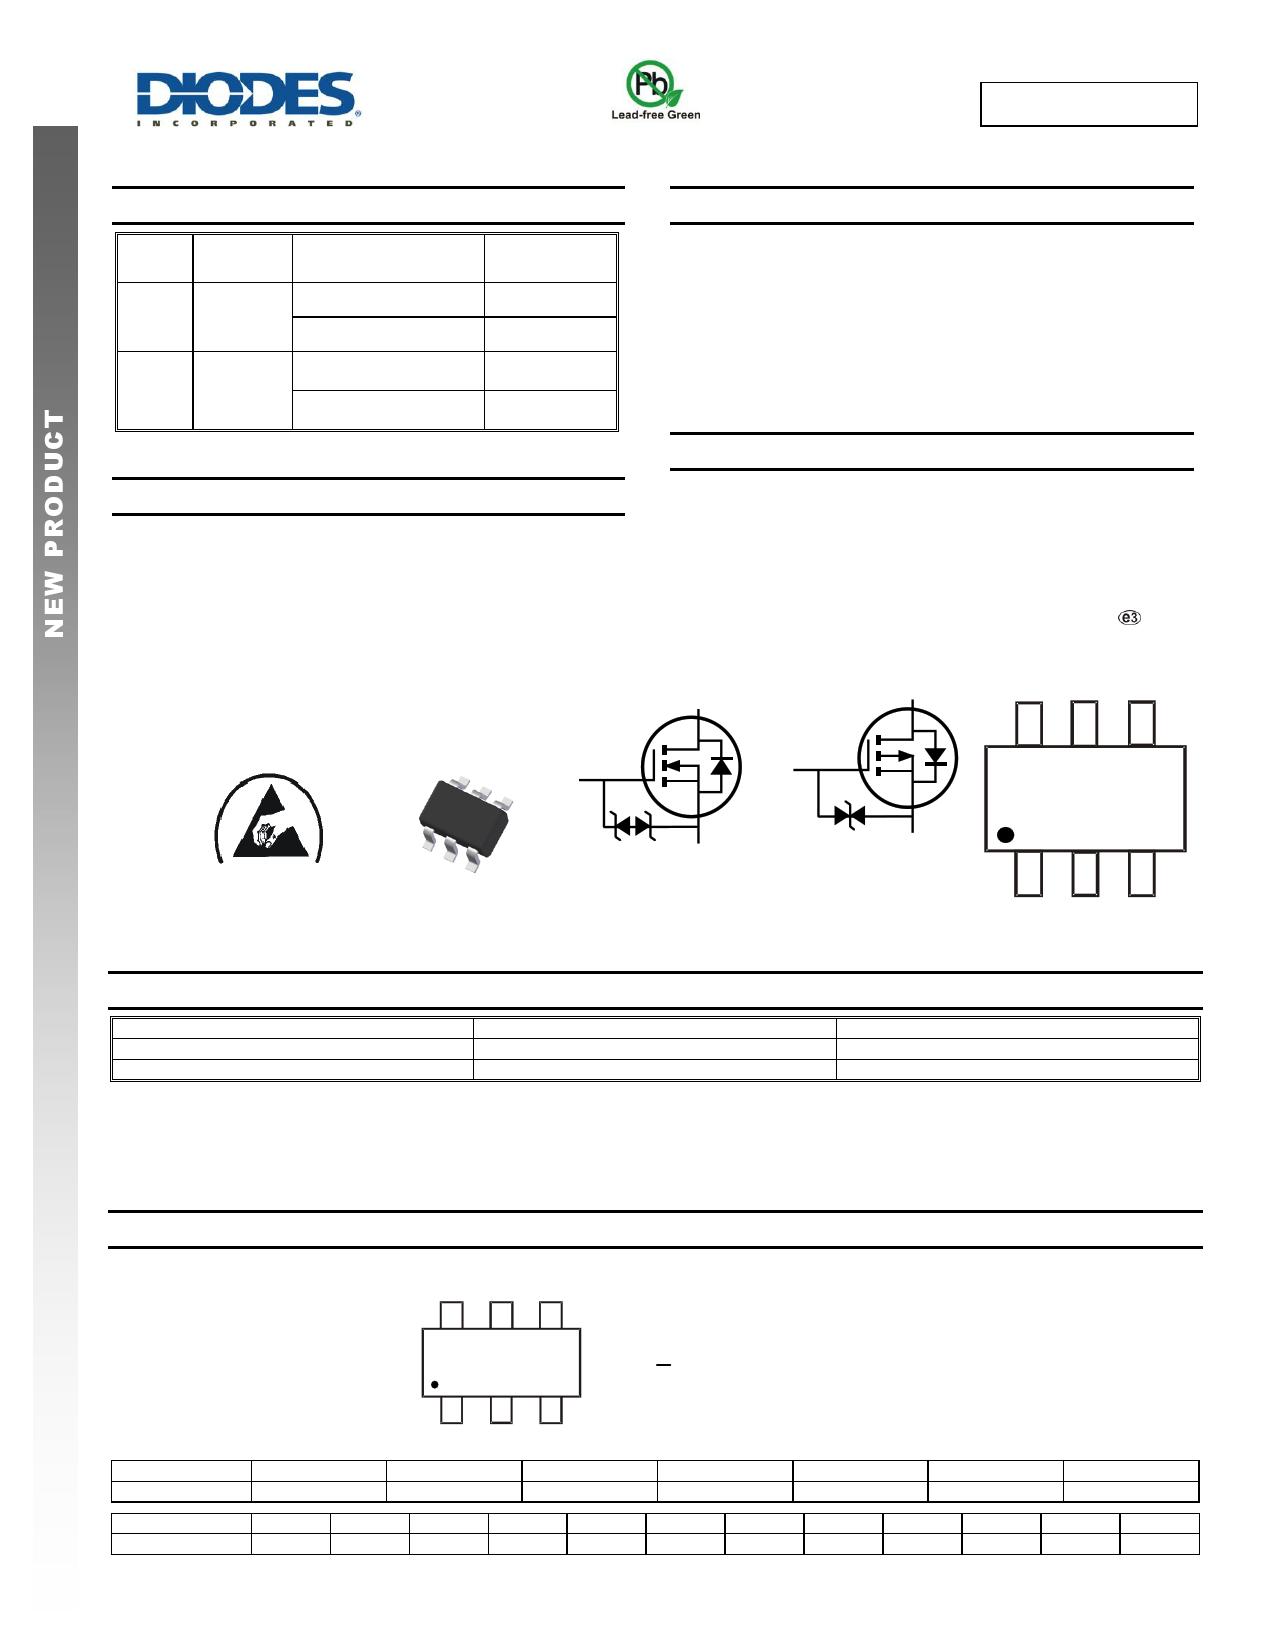 DMC3400SDW datasheet